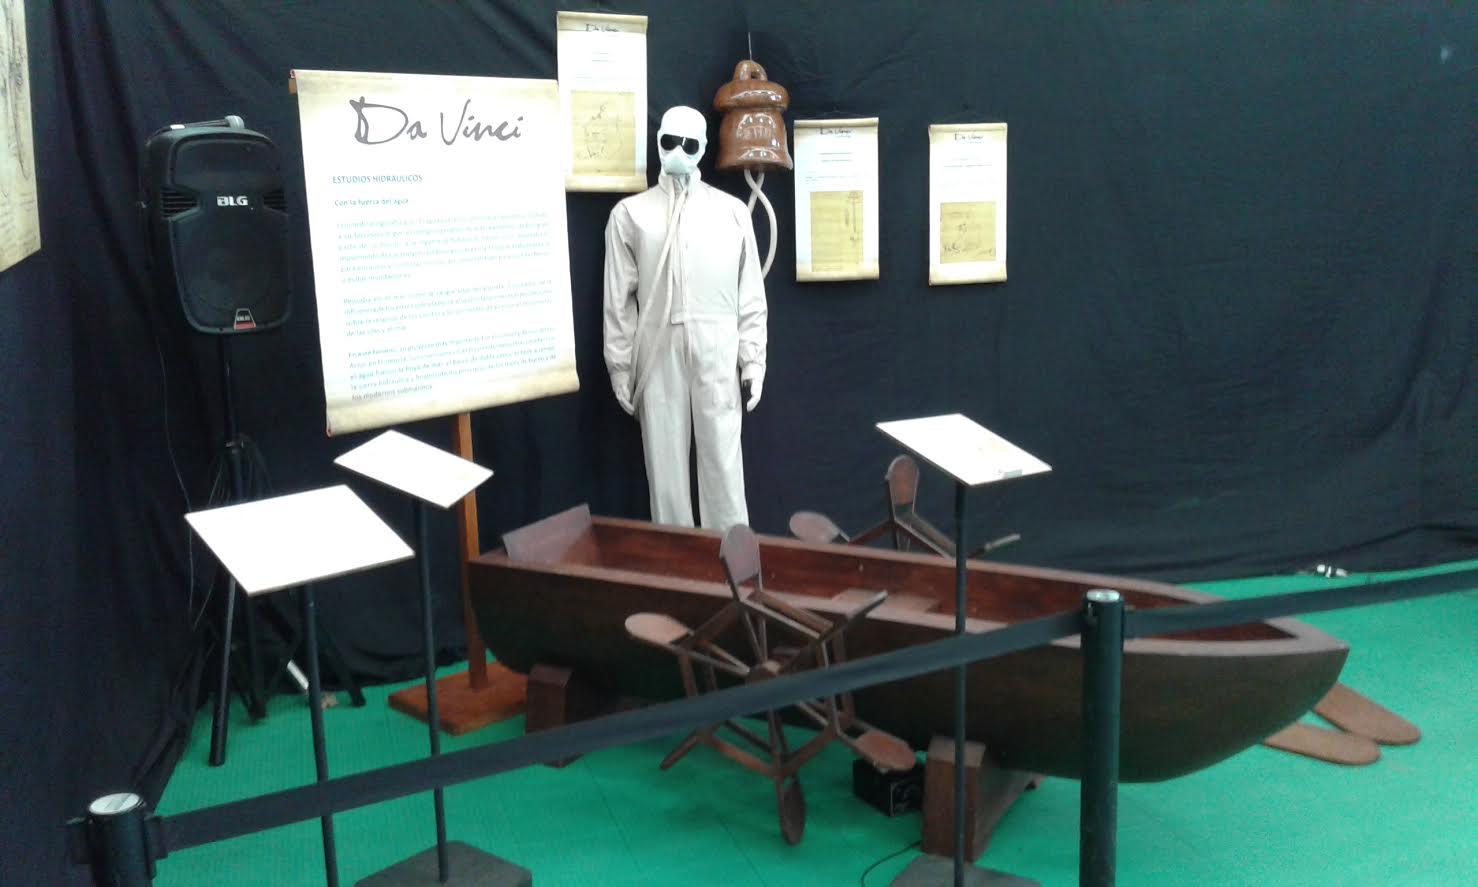 """Últimos días de """"Da Vinci La Exhibición"""" en Talca"""